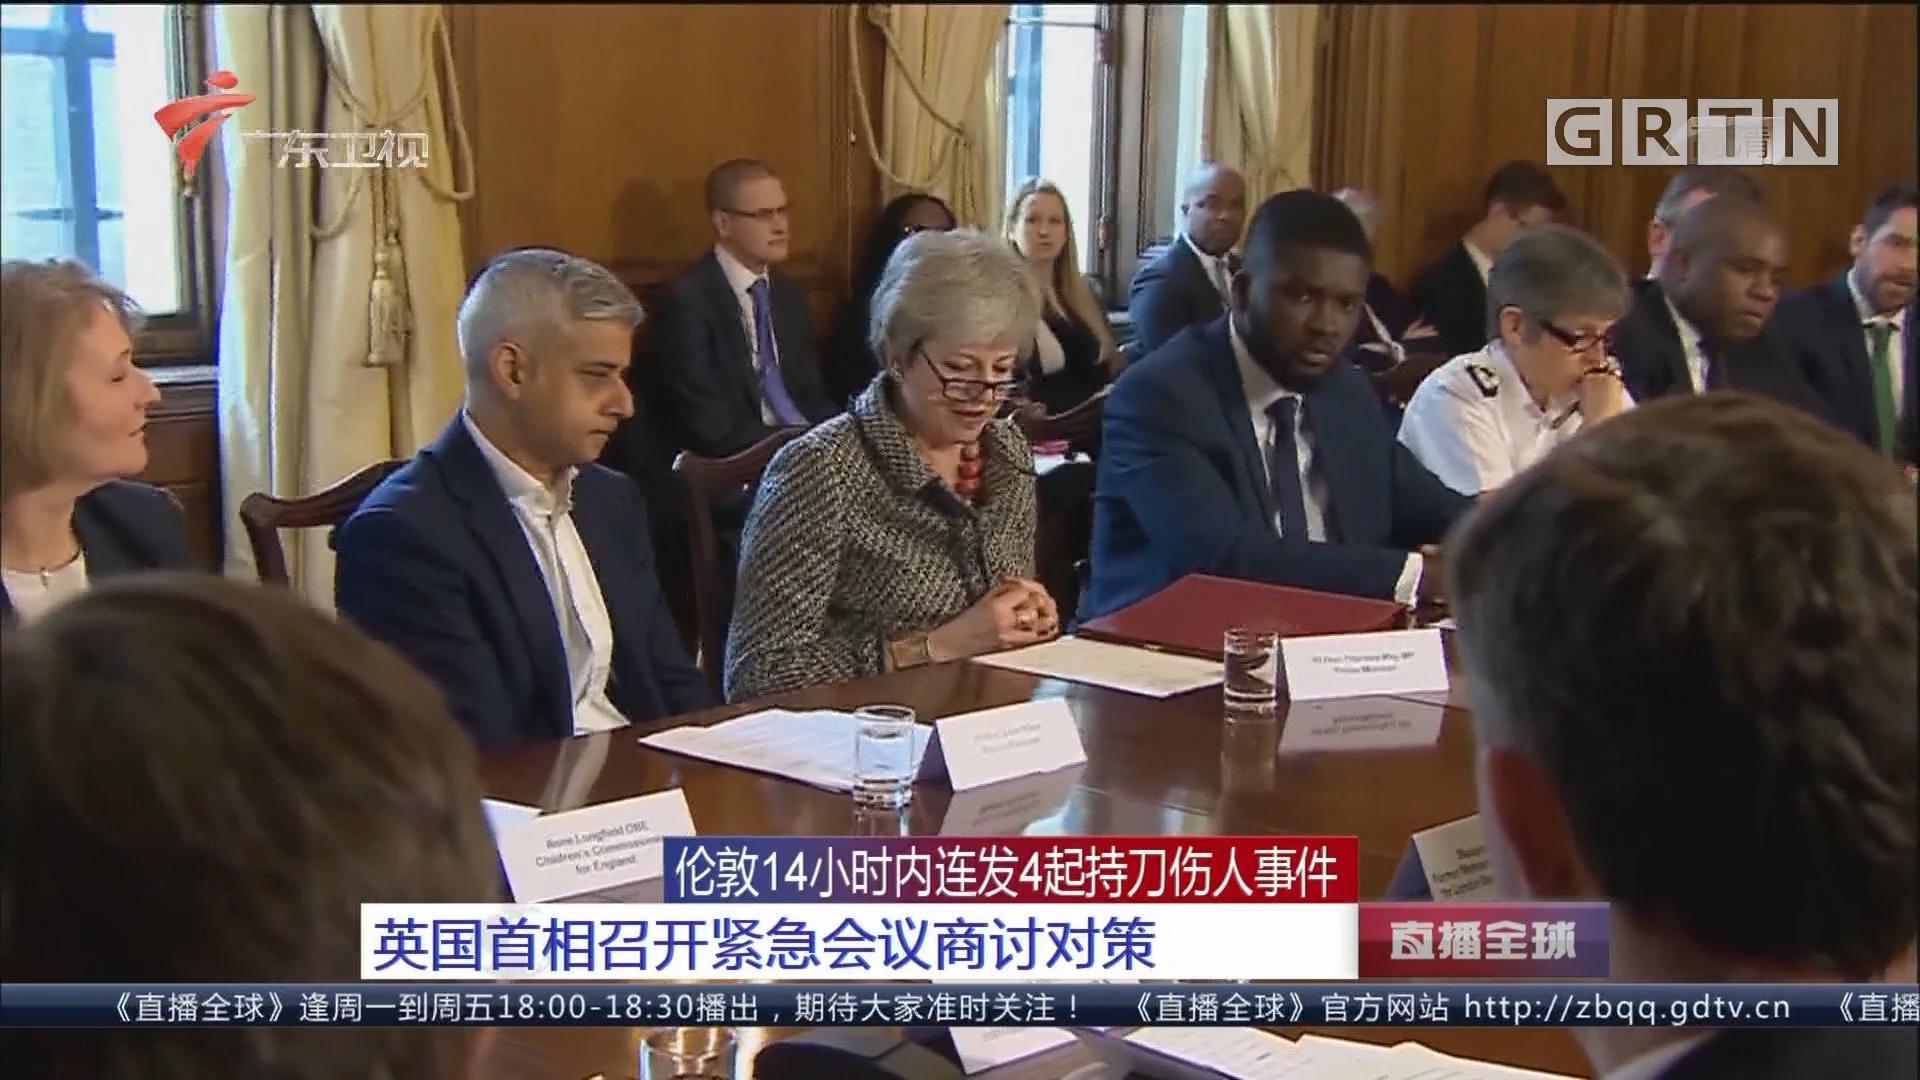 伦敦14小时内连发4起持刀伤人事件:英国首相召开紧急会议商讨对策